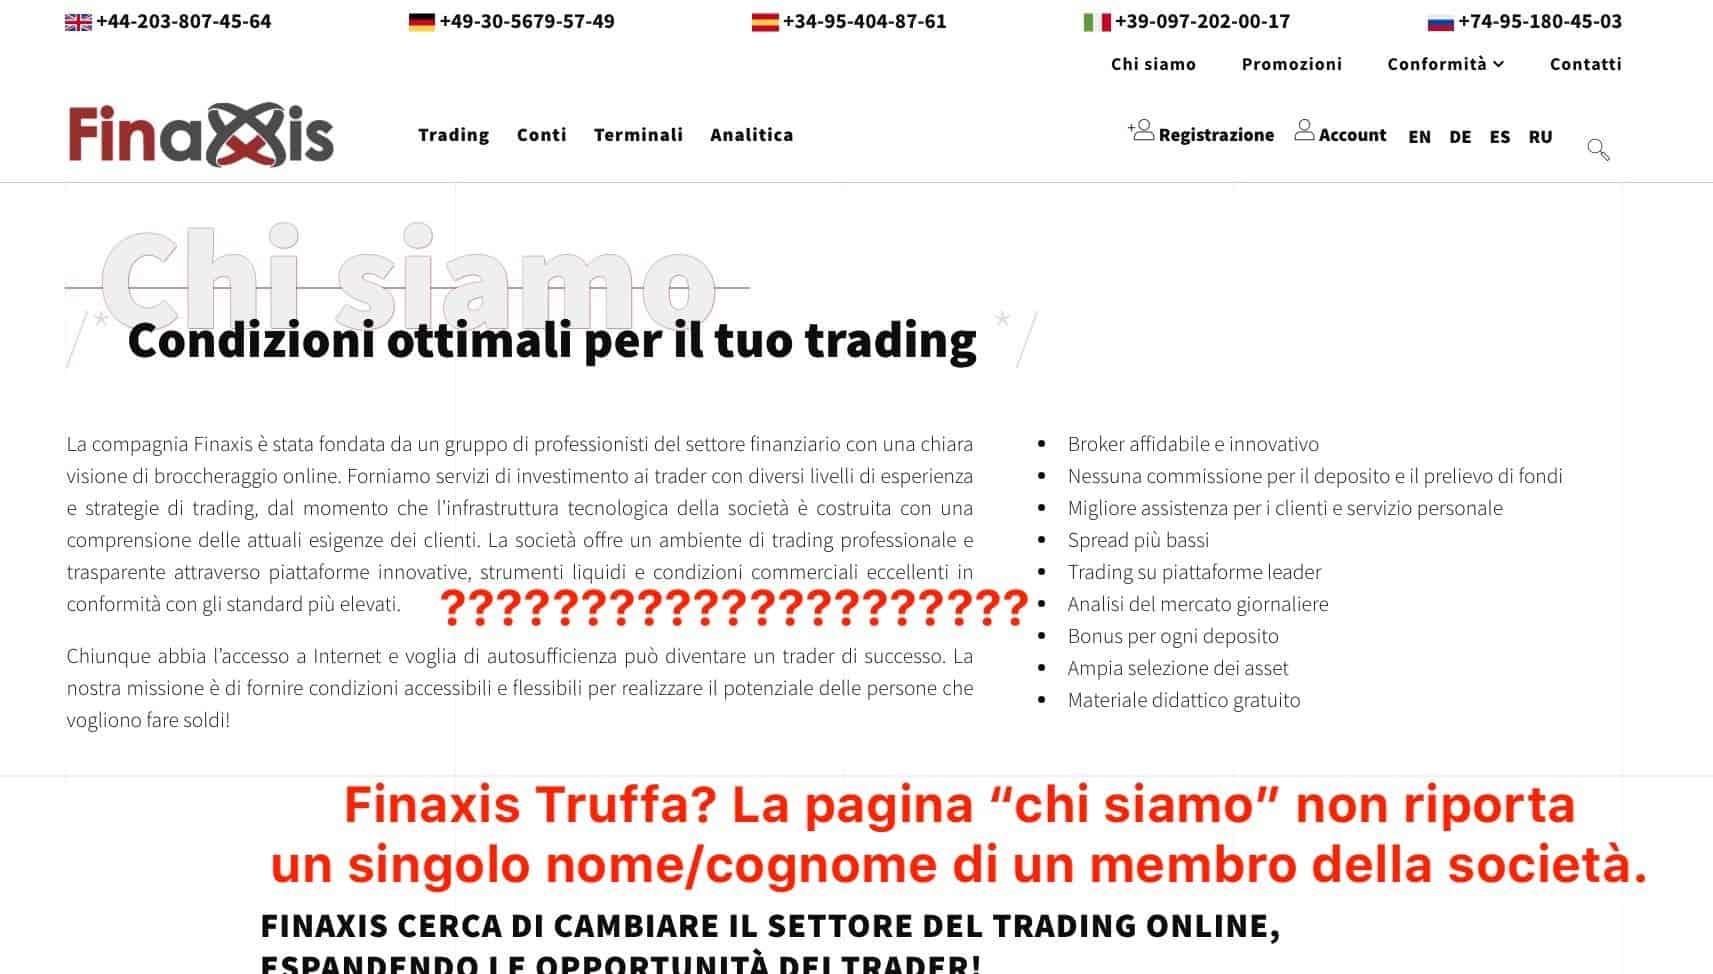 Finaxis Informazioni Aziendali